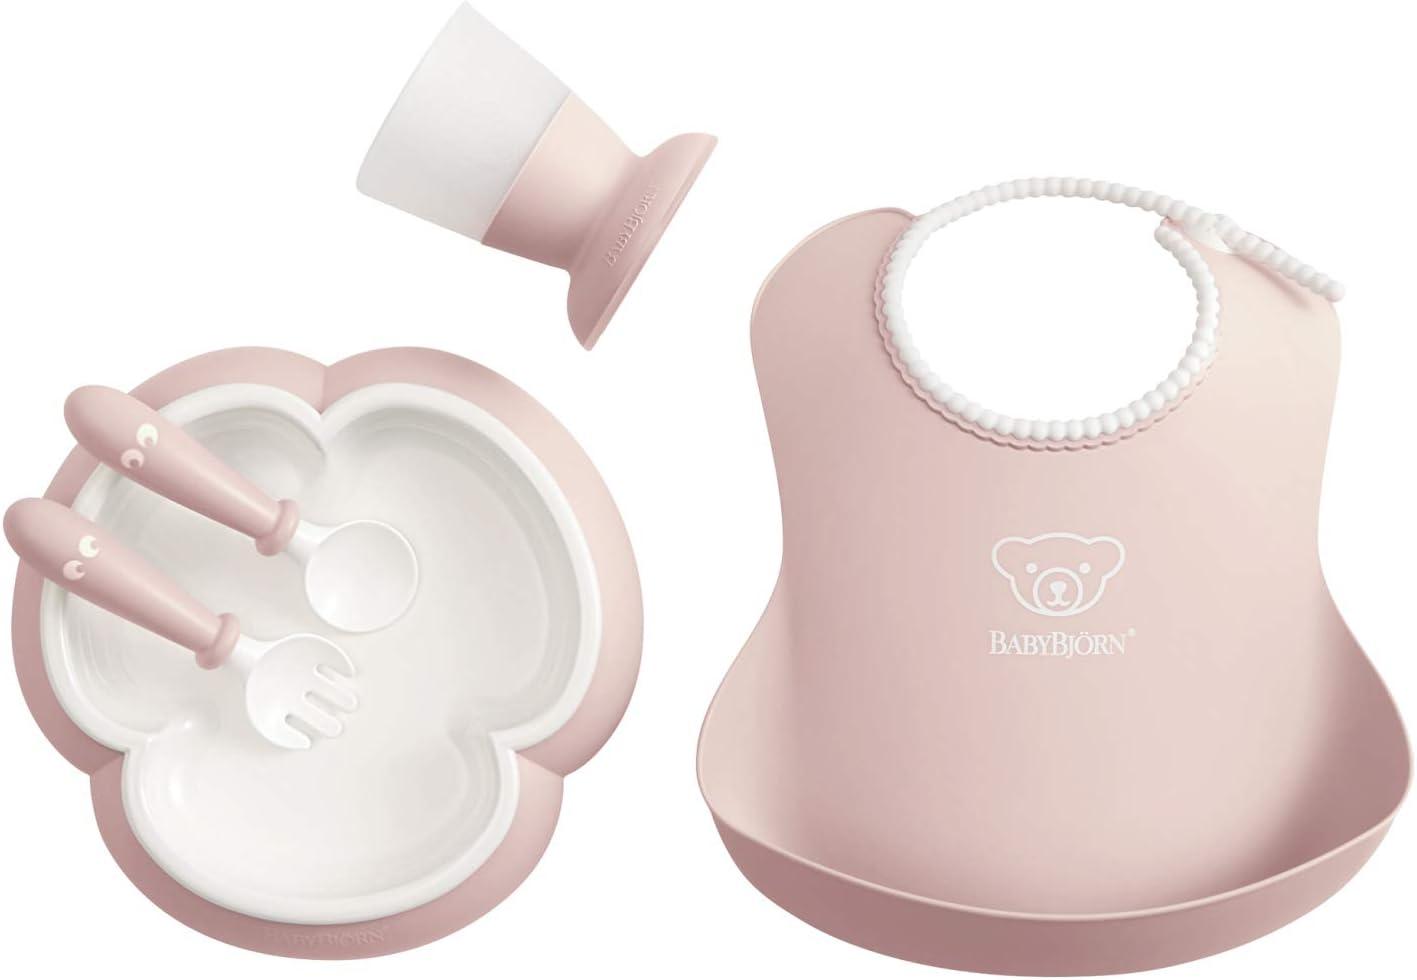 BabyBjörn 070064 - Cuchara y tenedor para bebé, 4 piezas